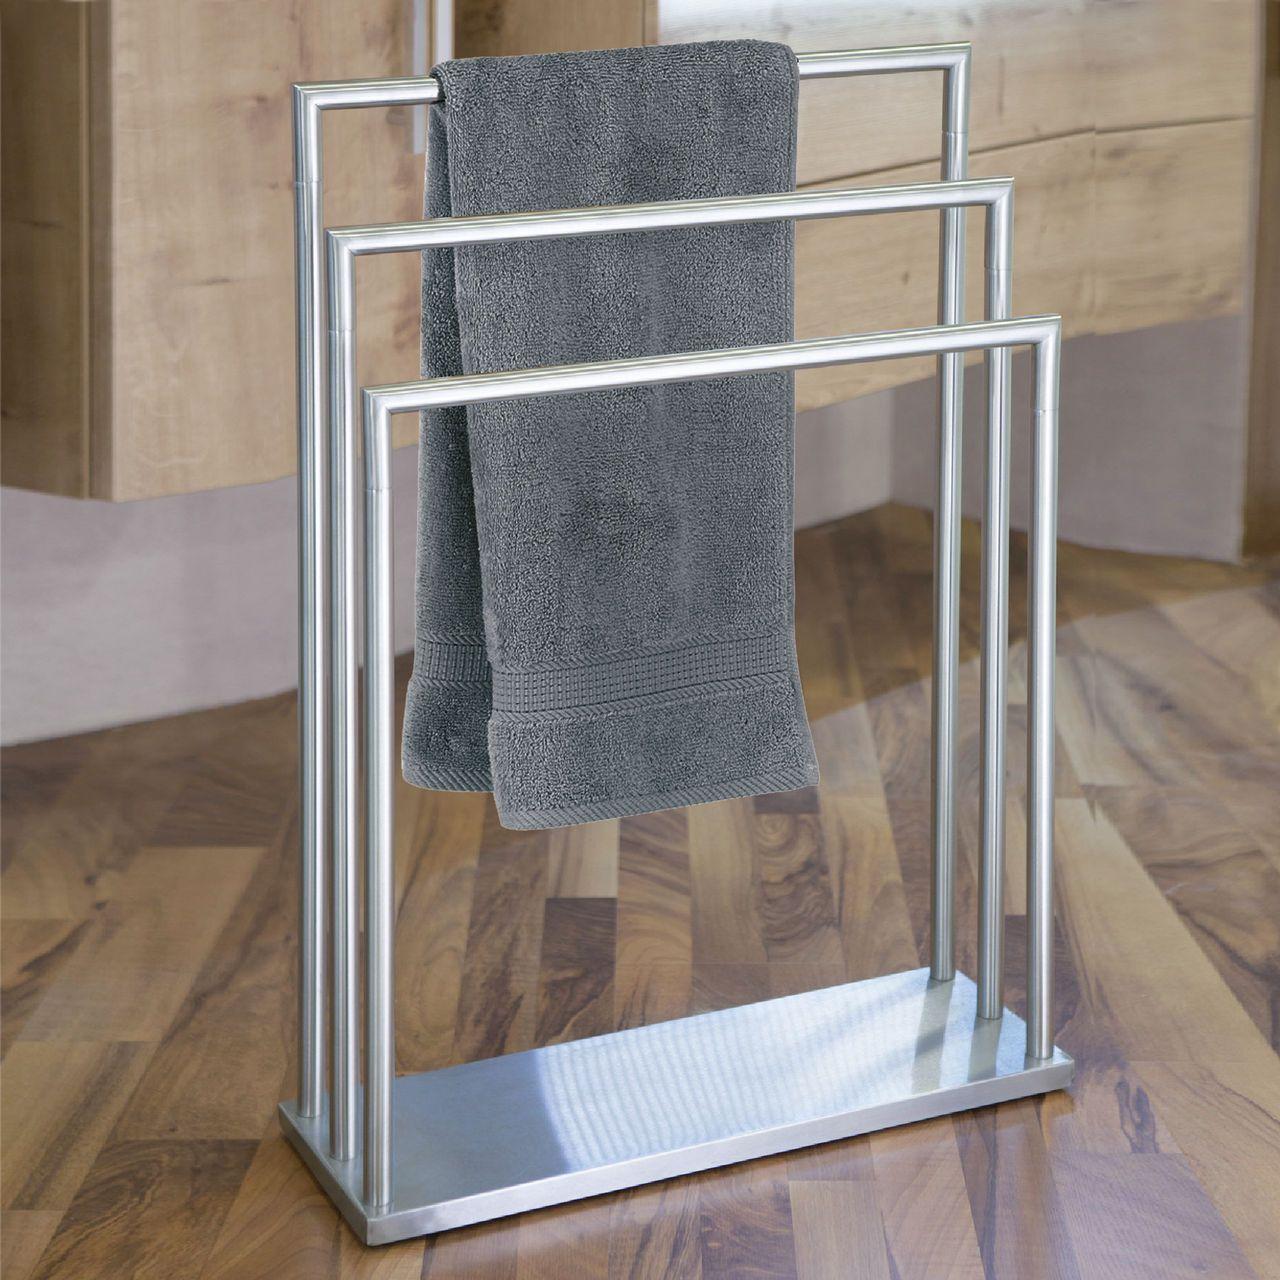 Handtuchhalter Seattle Ohio In Badmobel Accessoires Handtuchhalter Bad Handtuchhalter Renovierung Und Einrichtung